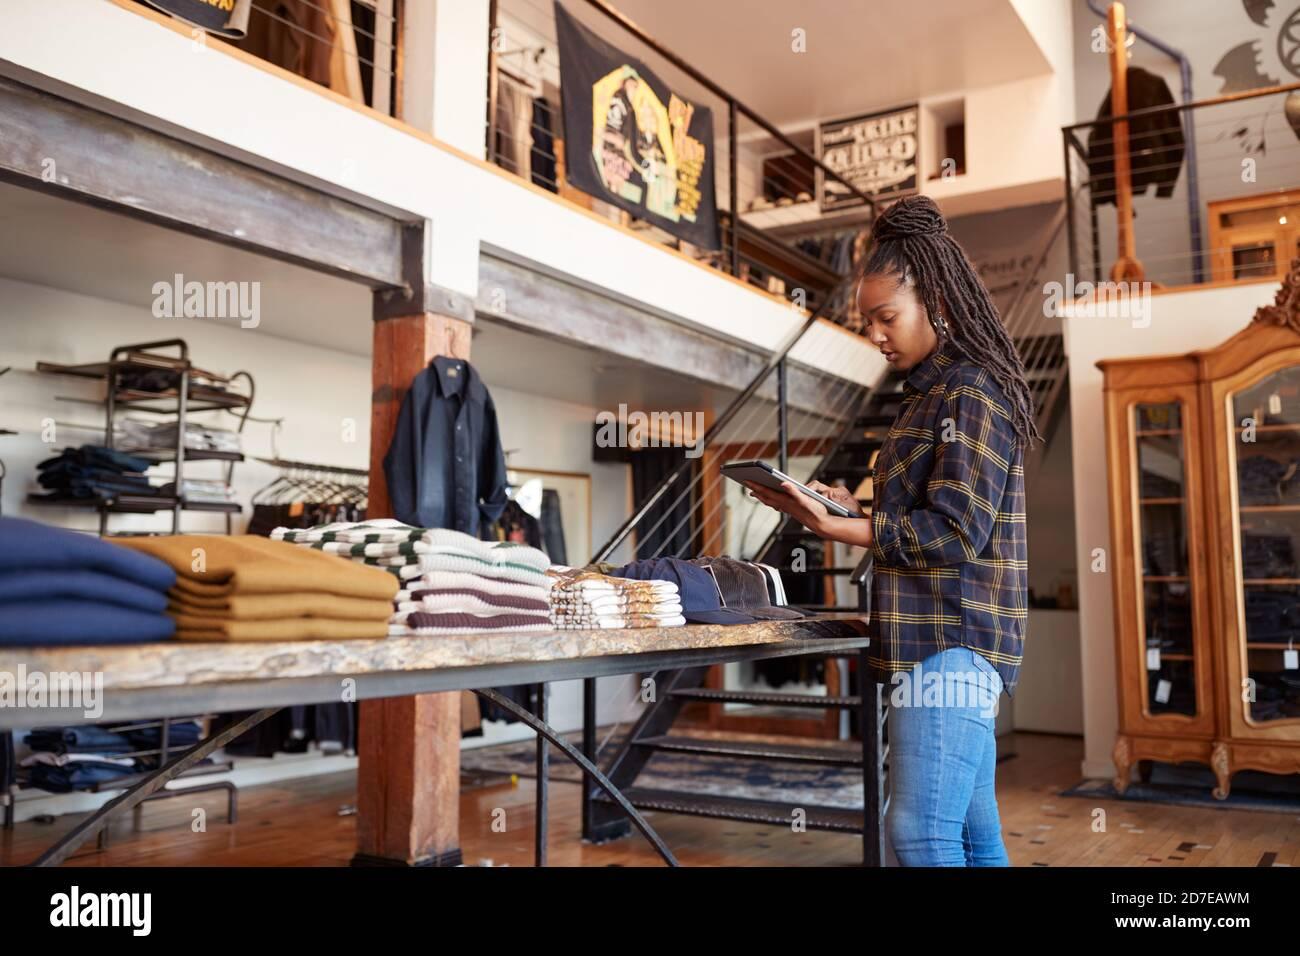 Femme propriétaire d'un magasin de mode utilisant une tablette numérique pour vérifier Stock dans la boutique de vêtements Banque D'Images